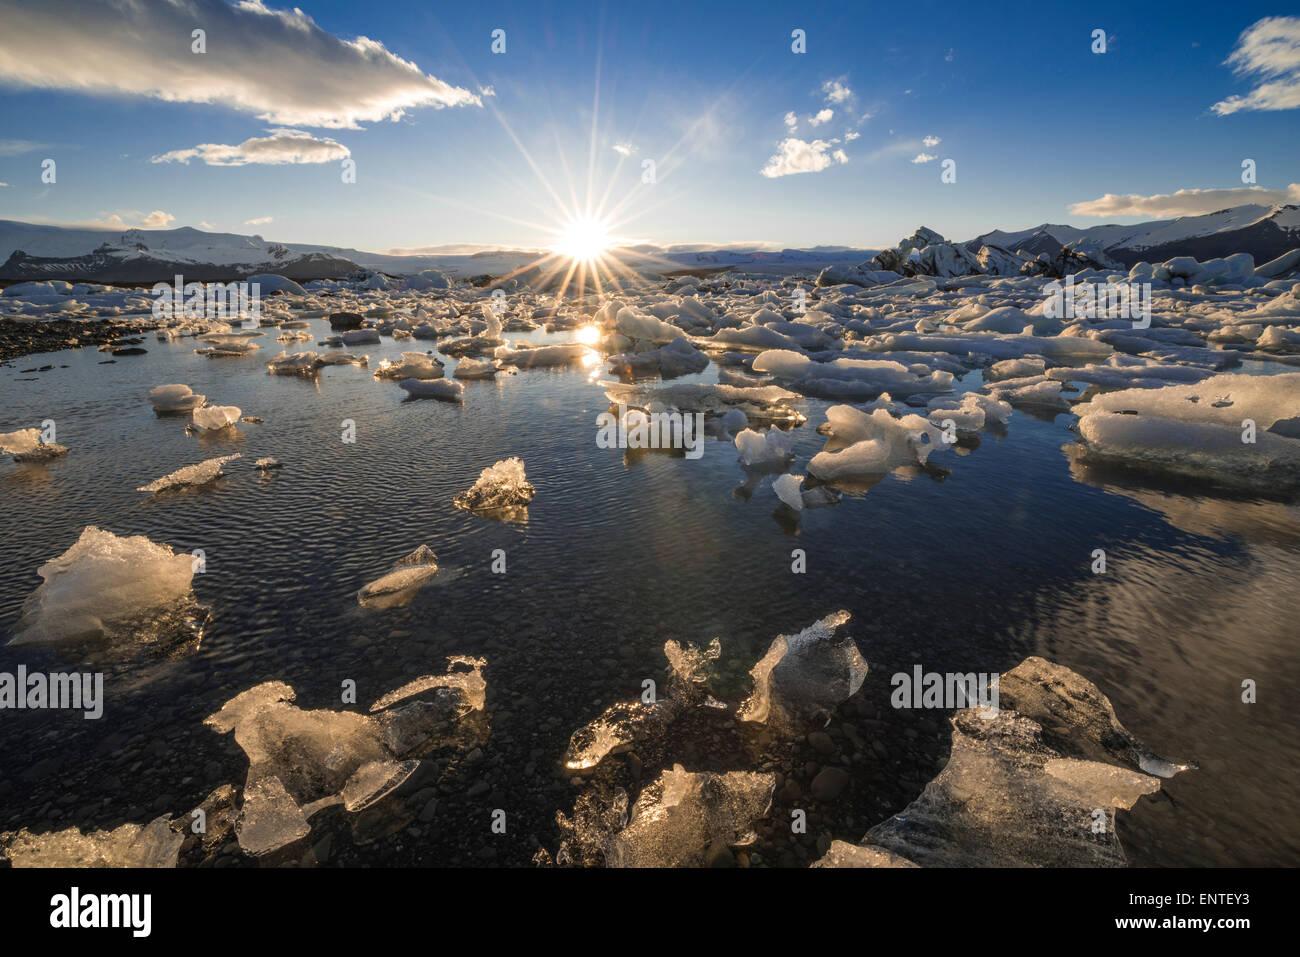 Islandia, Jokulsarlon Lagoon, Parque Nacional Vatnajokull al atardecer Imagen De Stock